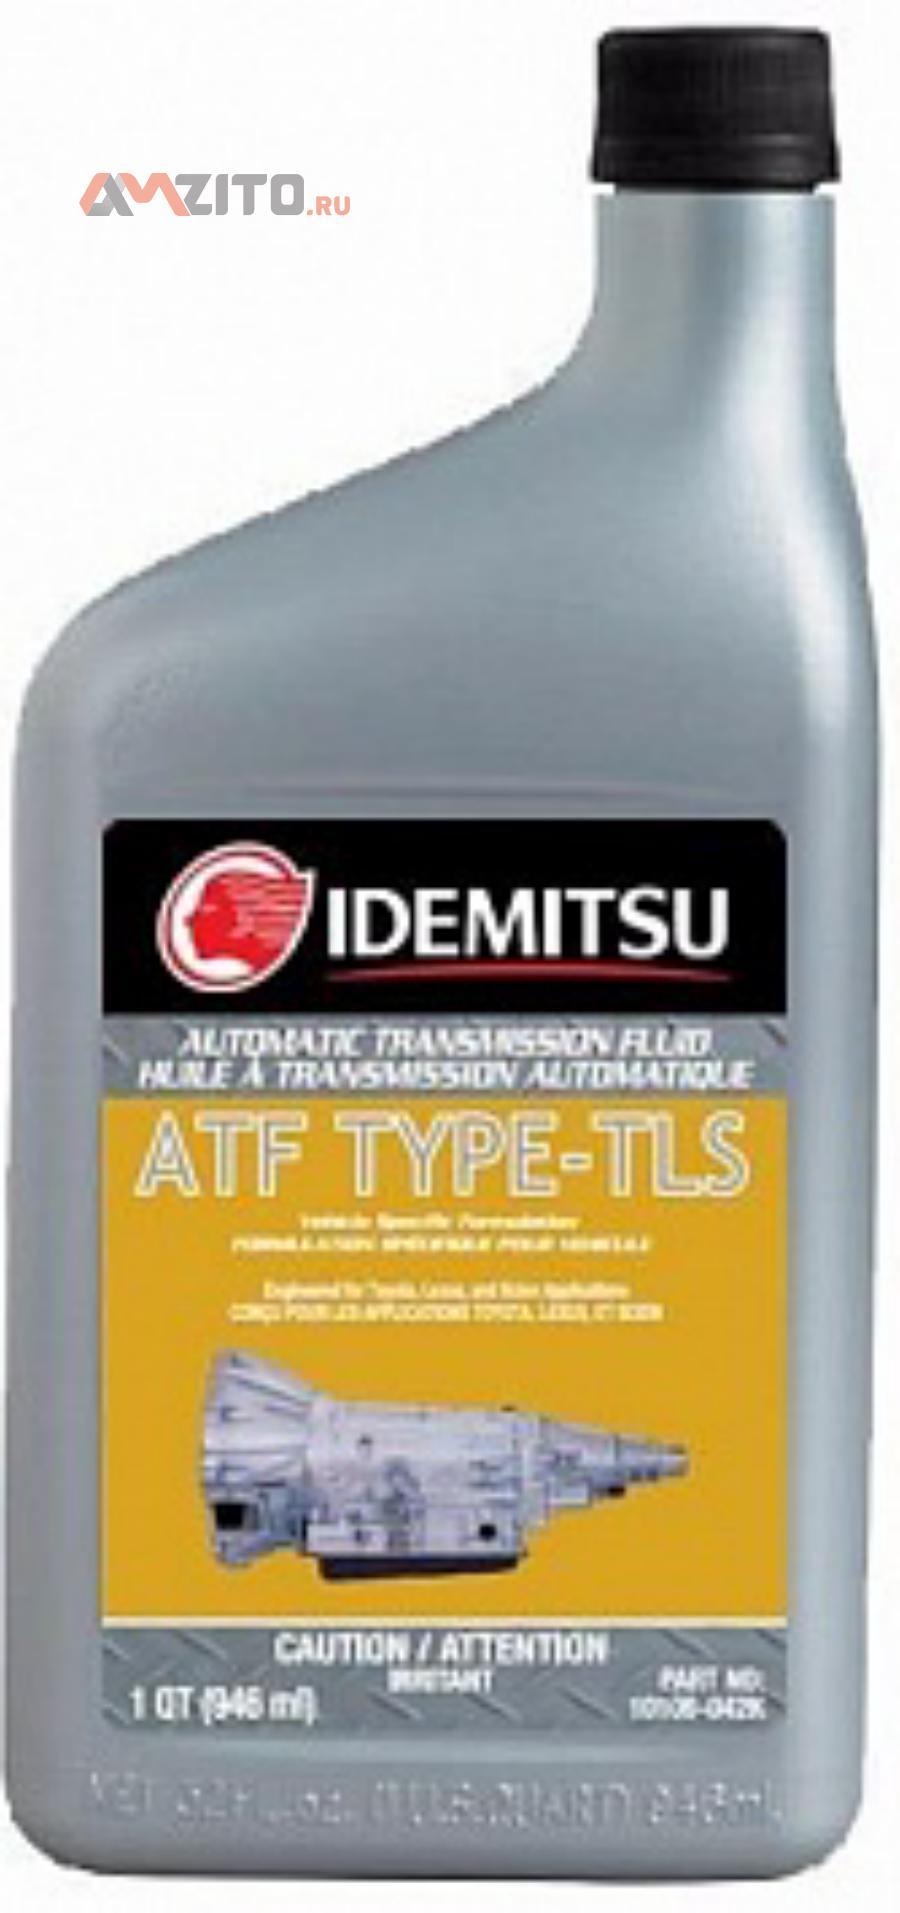 Масло трансмиссионное синтетическое ATF TypeTLS, 0,946л